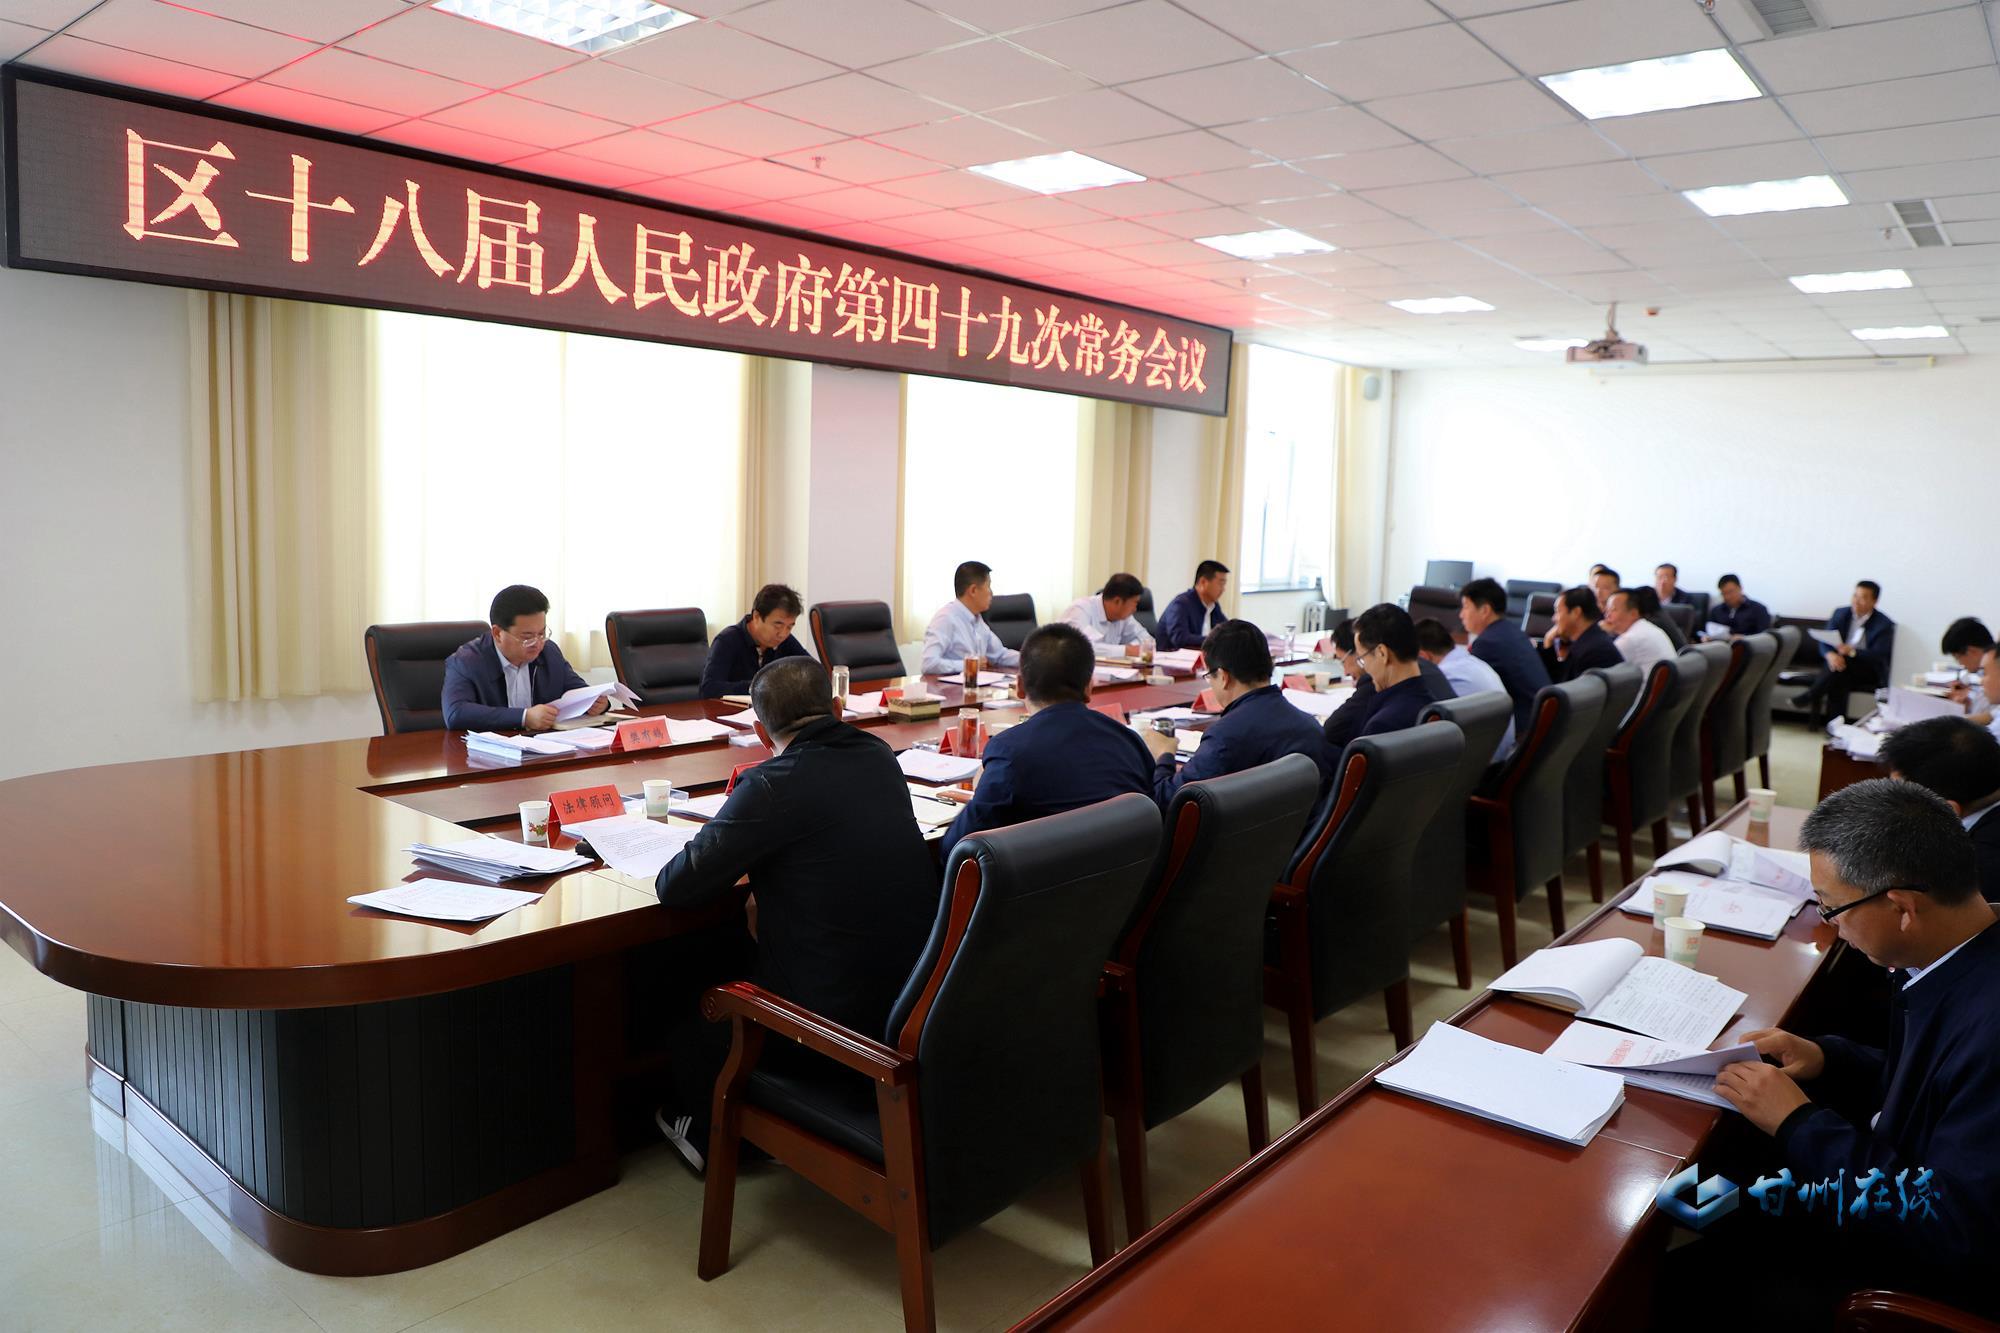 王韶华主持召开区十八届人民政府第四十九次常务会议